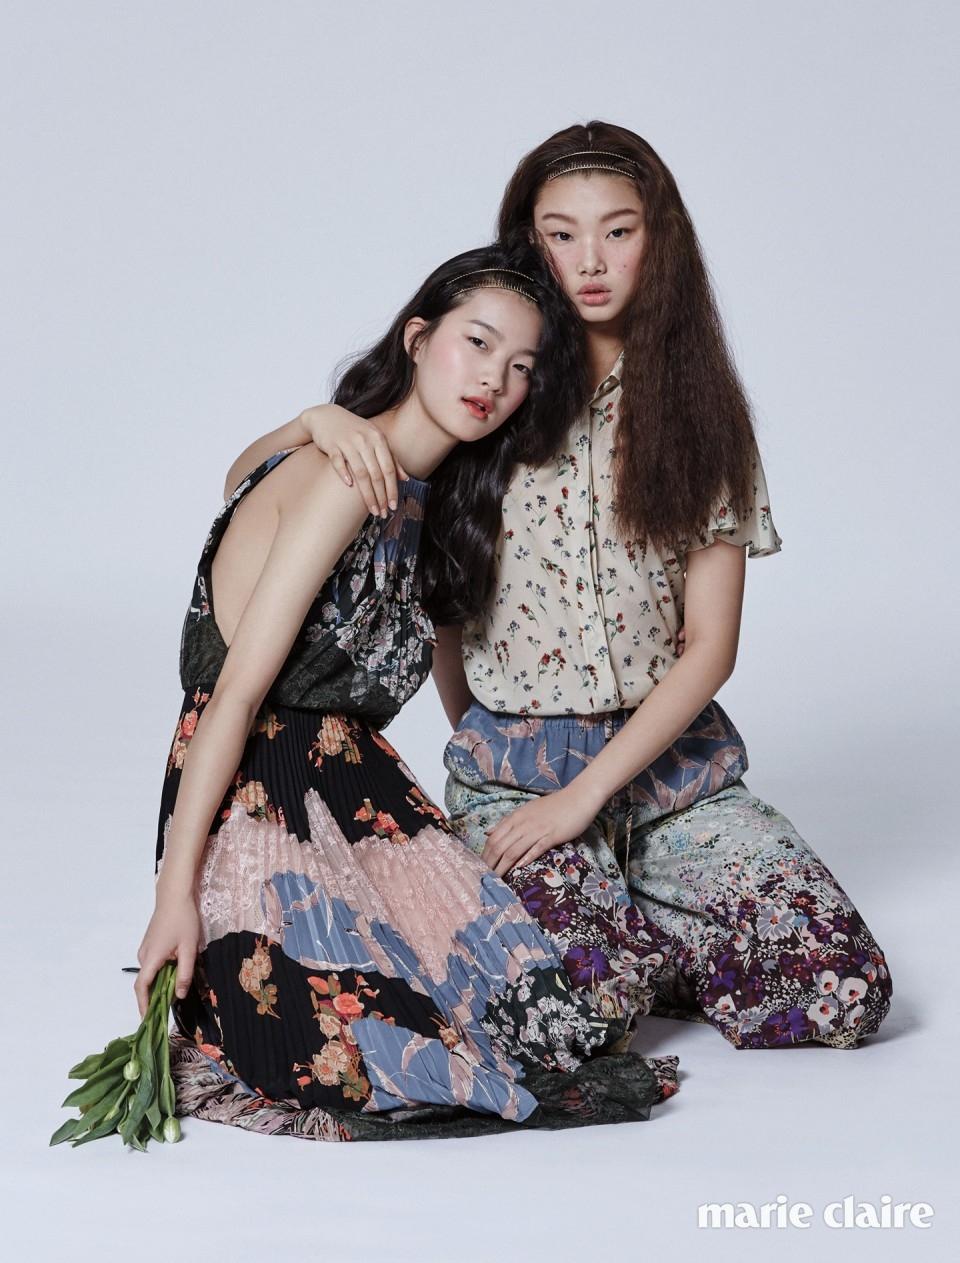 서유진이 입은 플라워 프린트 롱 드레스, 배윤영이 입은 잔 꽃무늬 블라우스와 플라워 패턴 실크 와이드 팬츠 모두 가격 미정 발렌티노(Valentino).